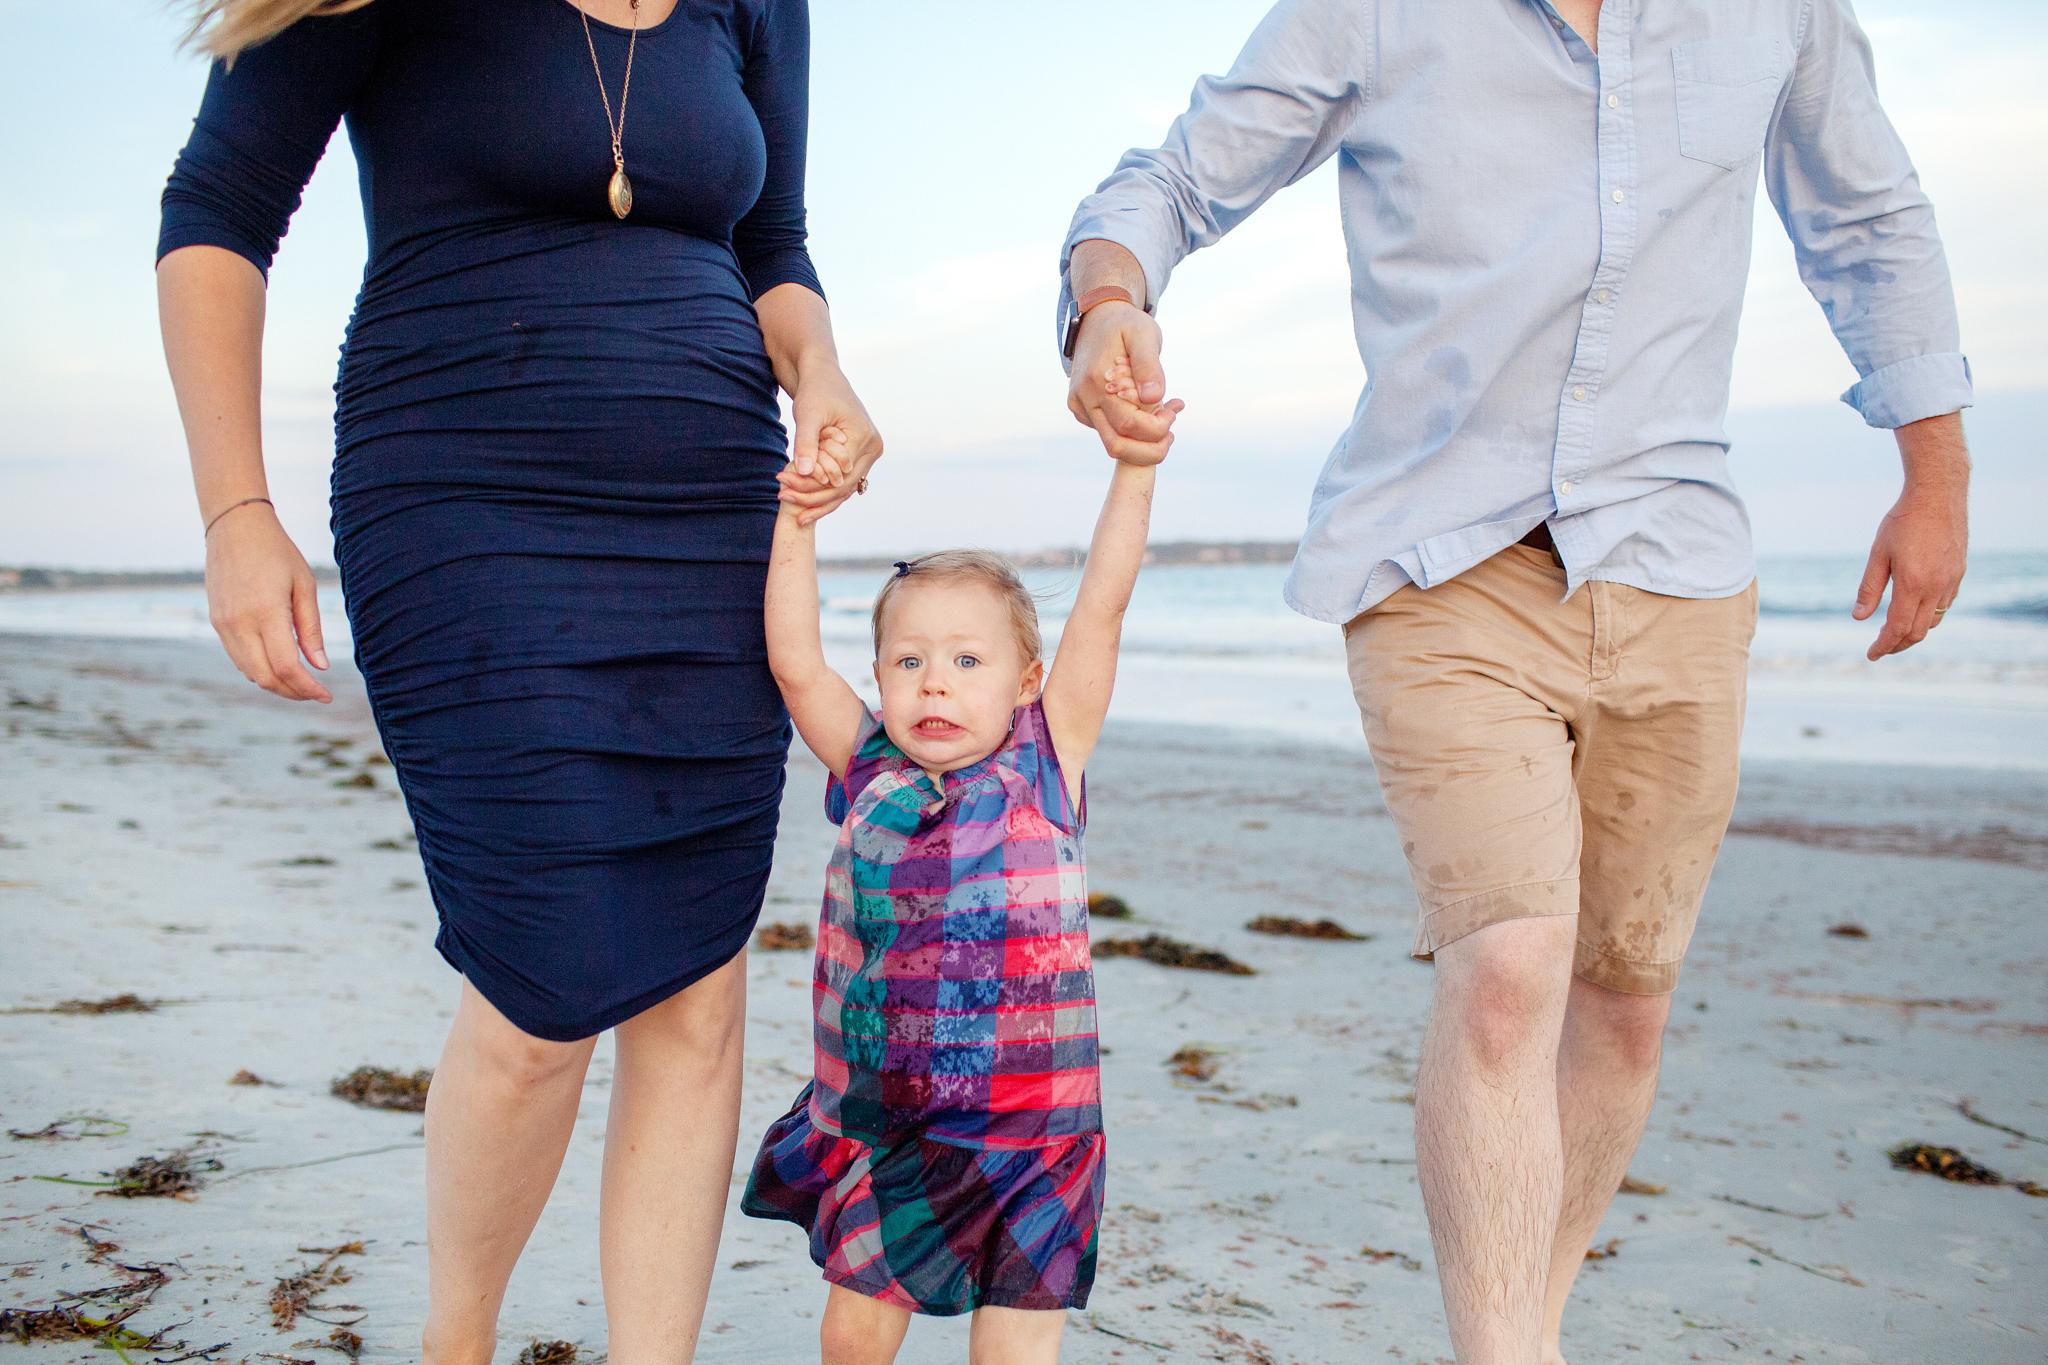 maine-family-photography-pine-point- beach-116.jpg